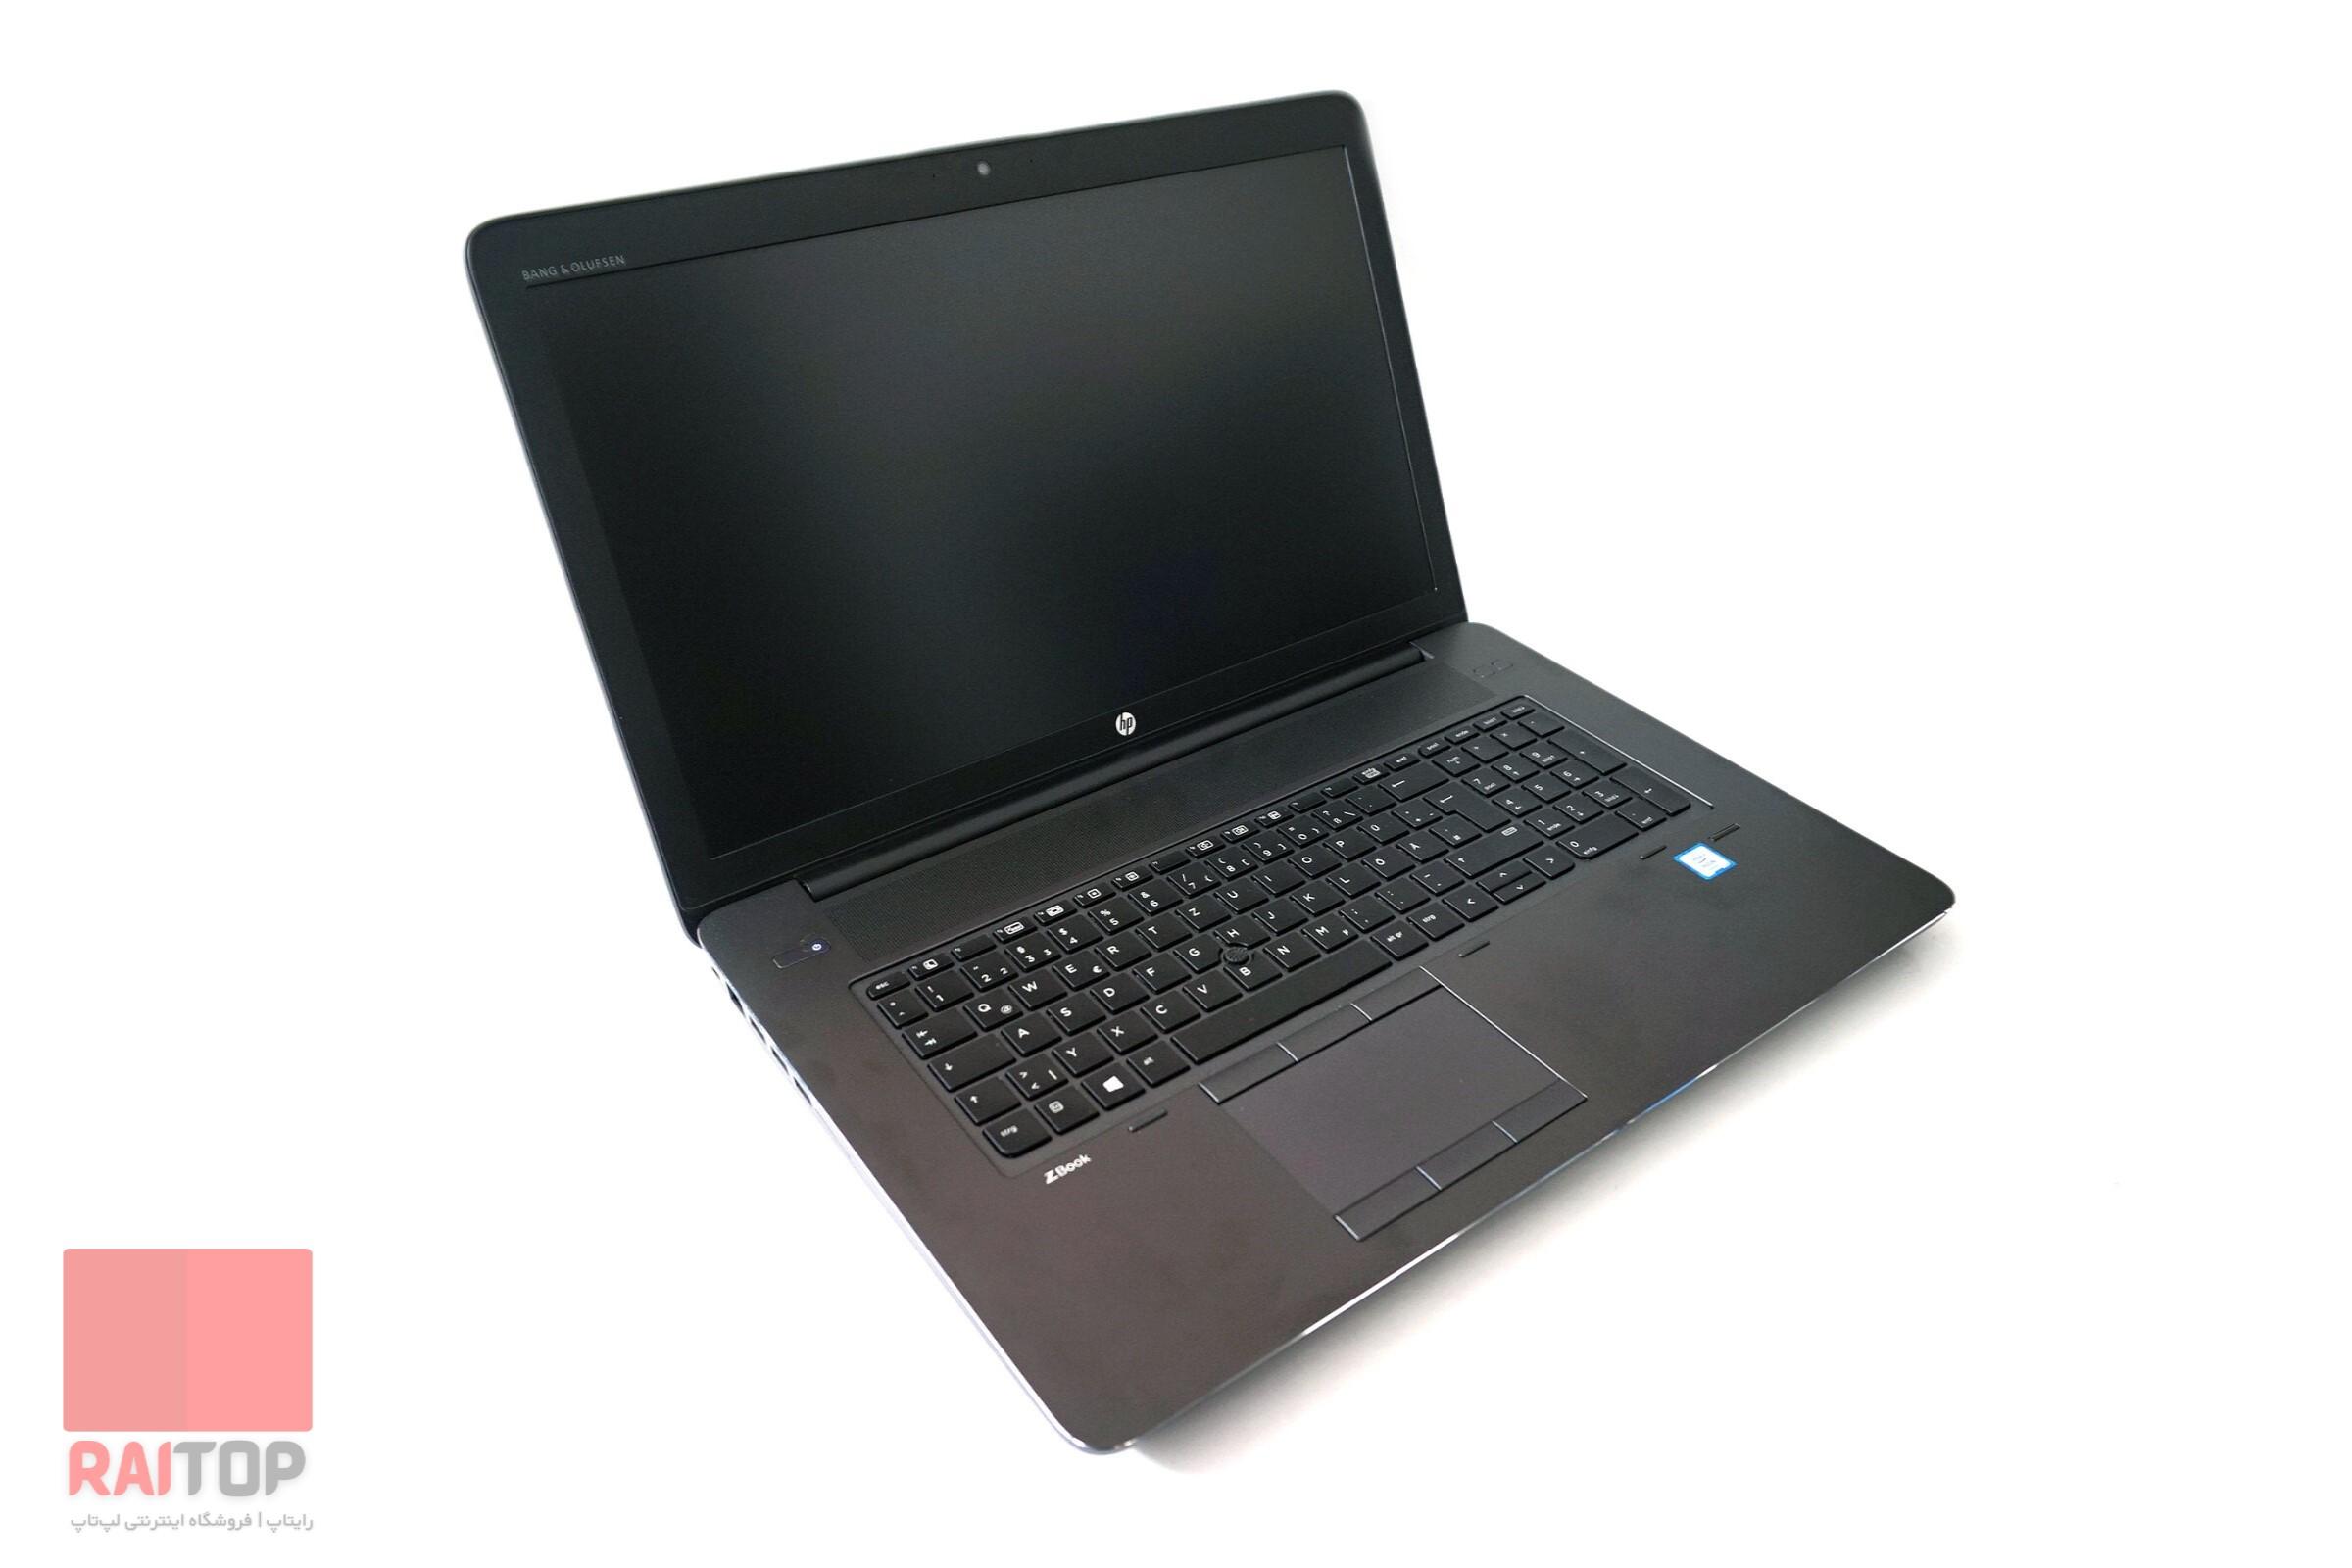 لپ تاپ 17 اینچی HP مدل ZBook 17 G3 صفحه کلید